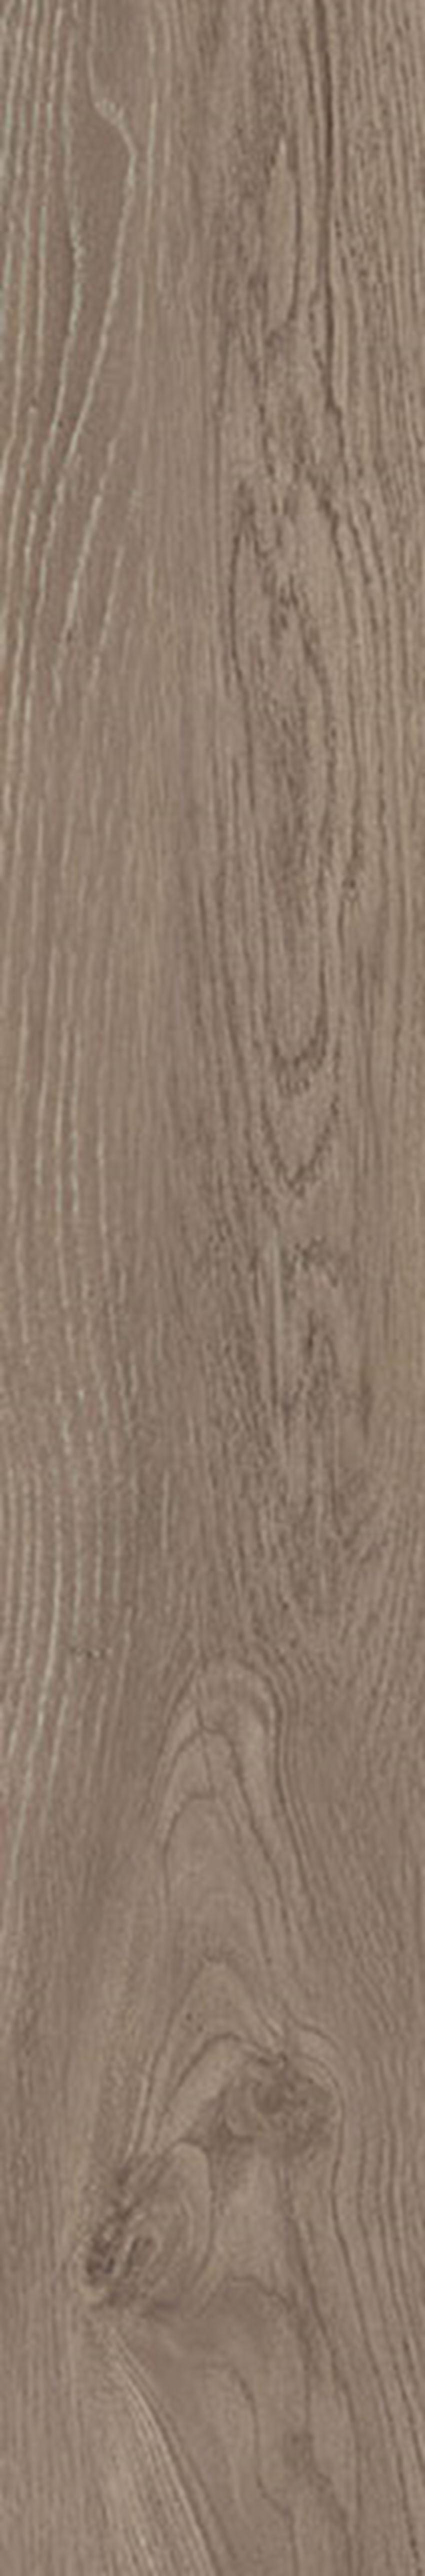 Płytka ścienno-podłogowa 14,8x89,8 cm Paradyż Wildland Twilight Gres Szkl. Rekt.